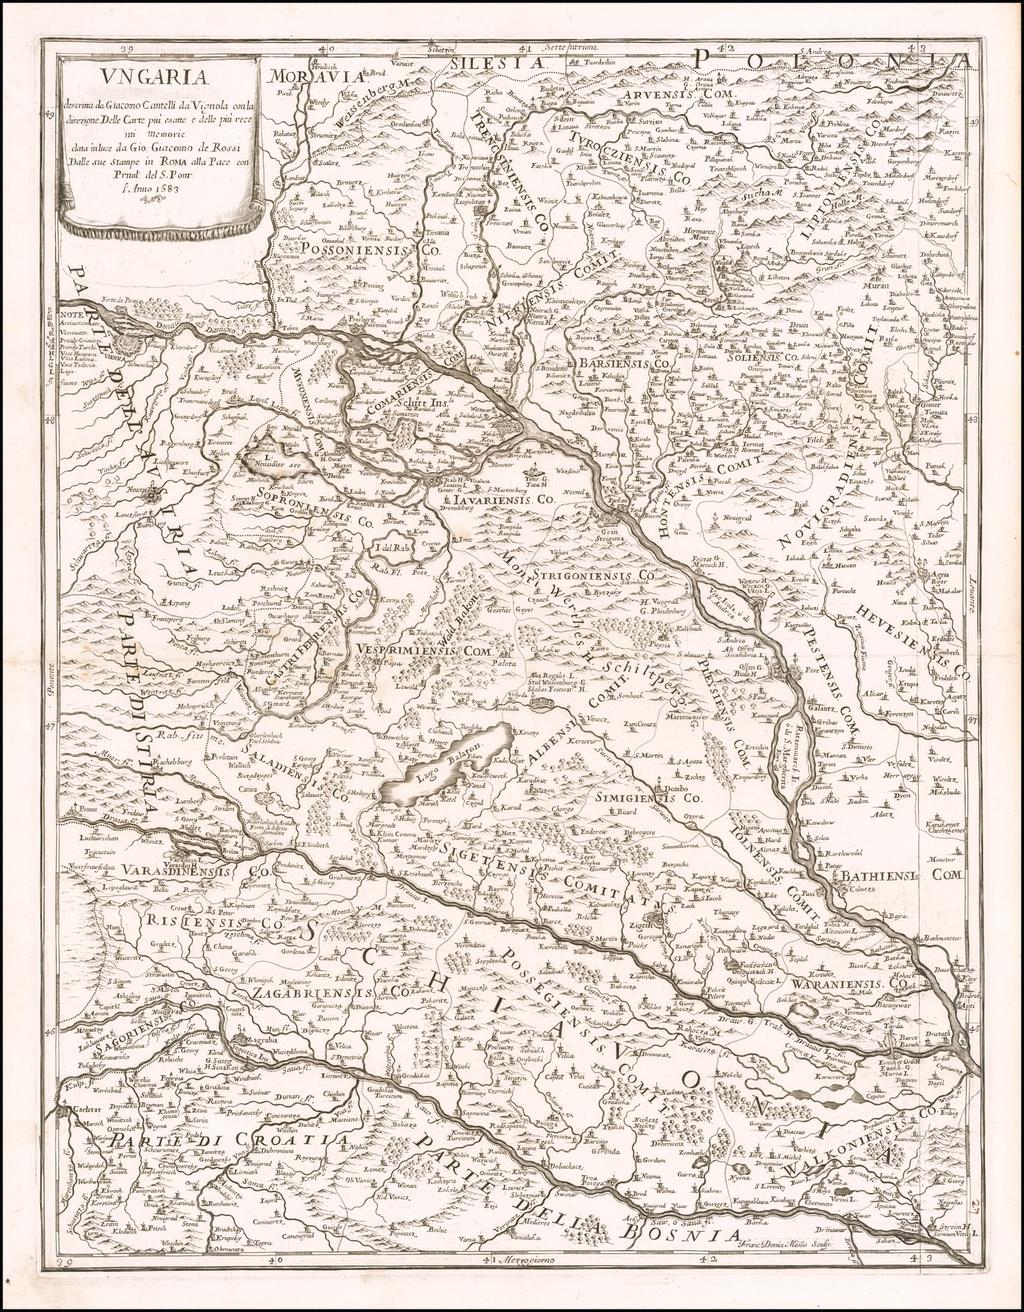 Ungaria Descritta . . . 1683 By Giacomo Giovanni Rossi